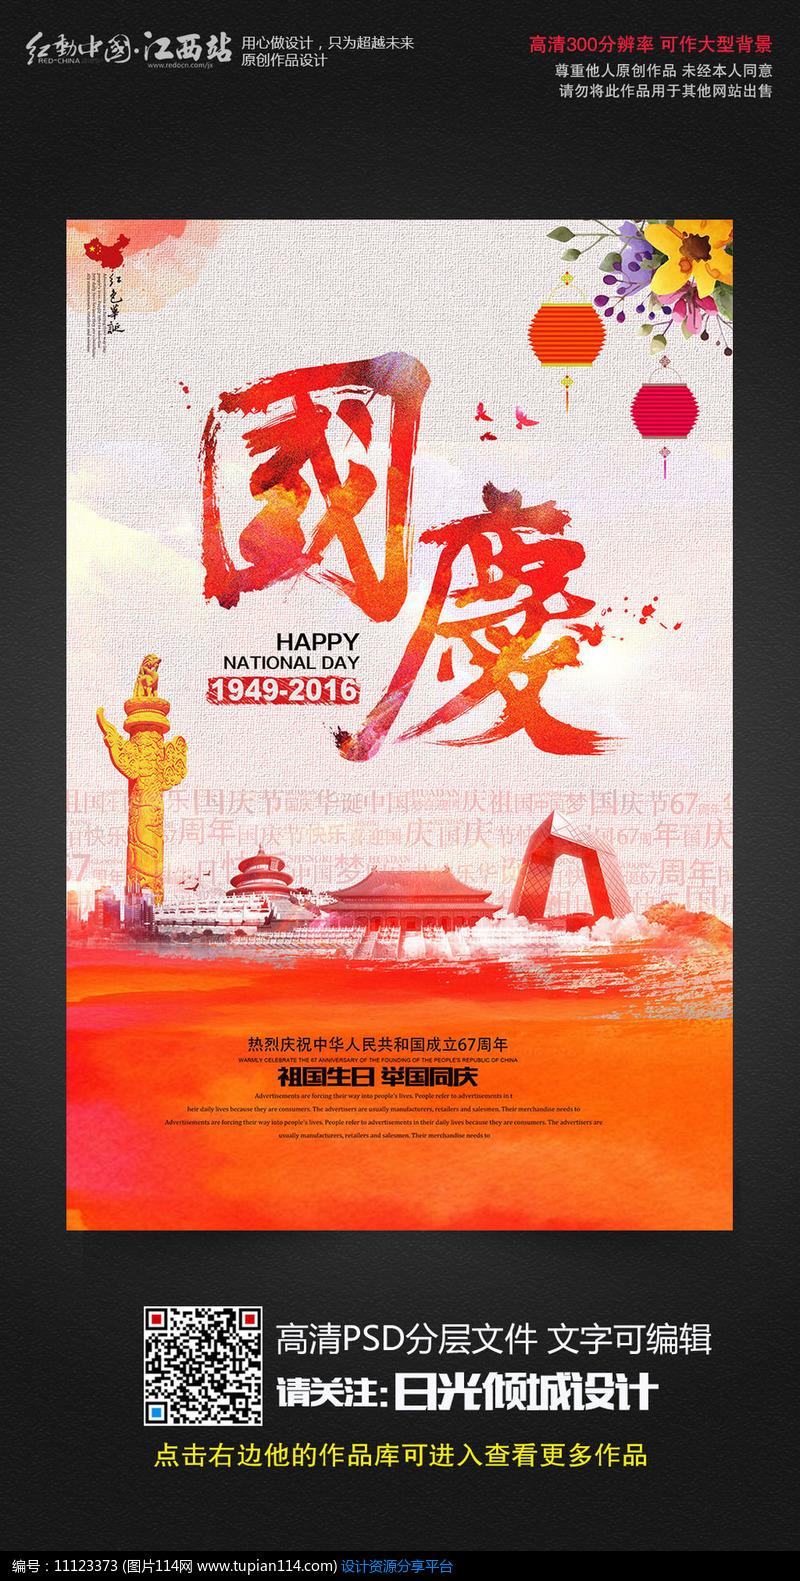 [原创] 水彩风十一国庆节宣传海报设计